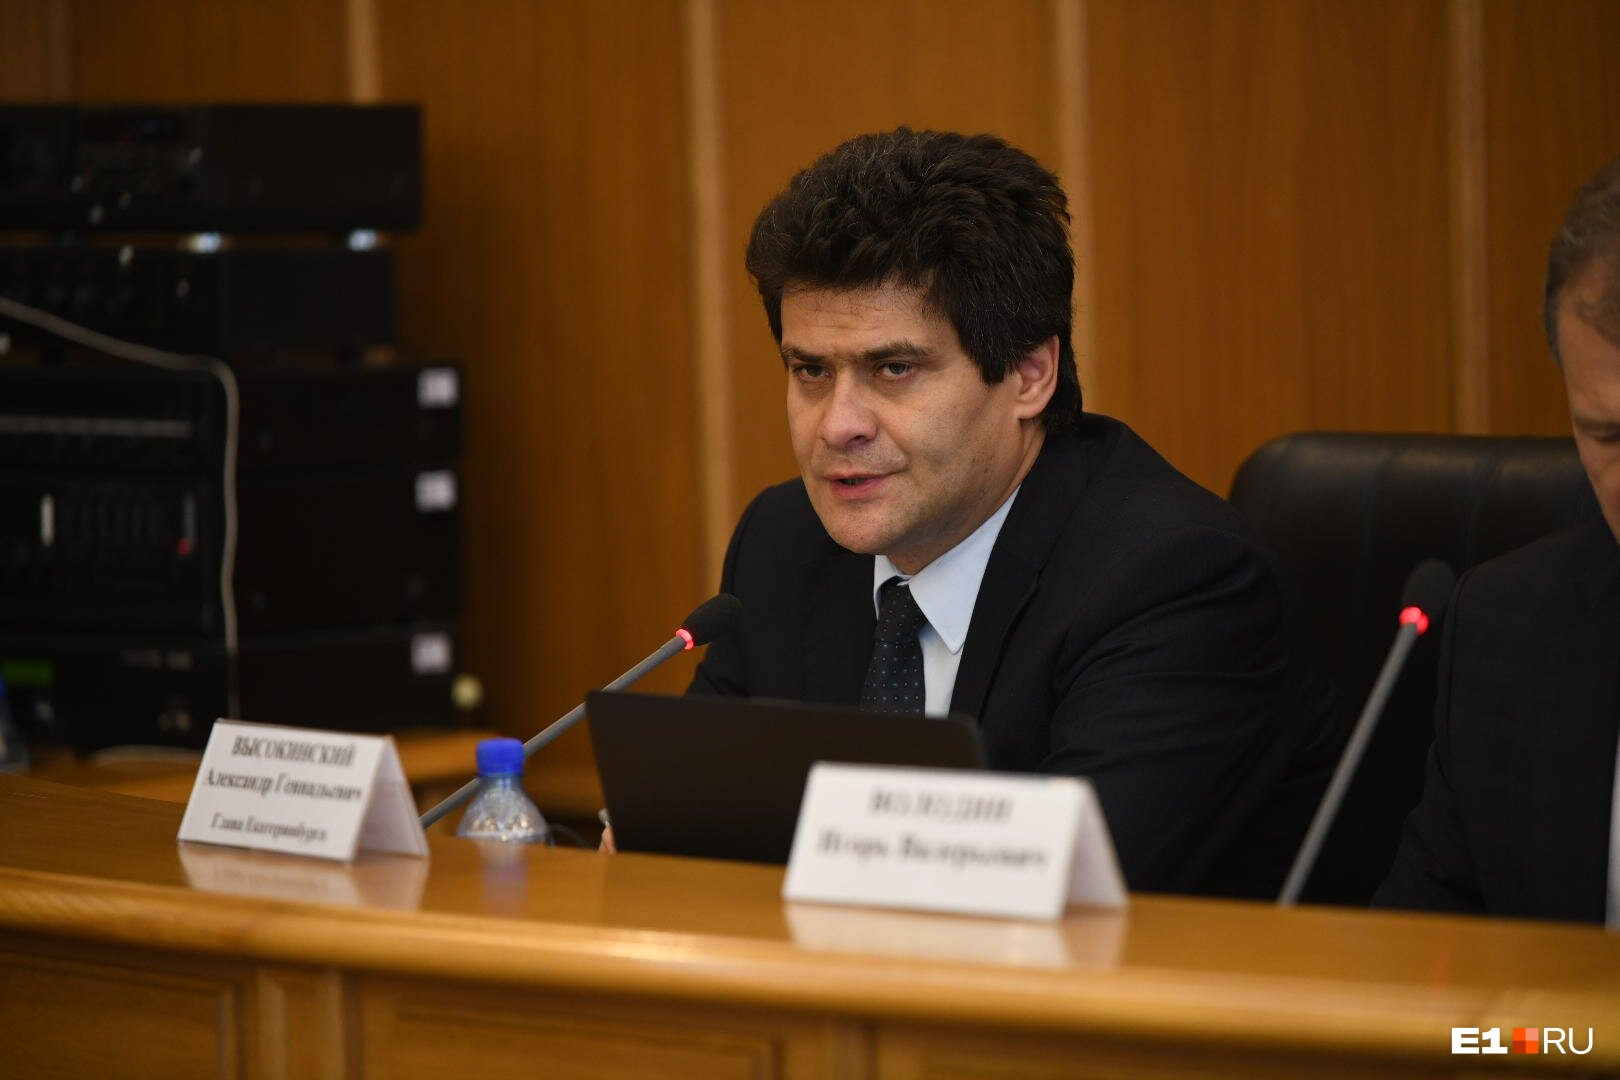 Мэр Александр Высокинский на заседании